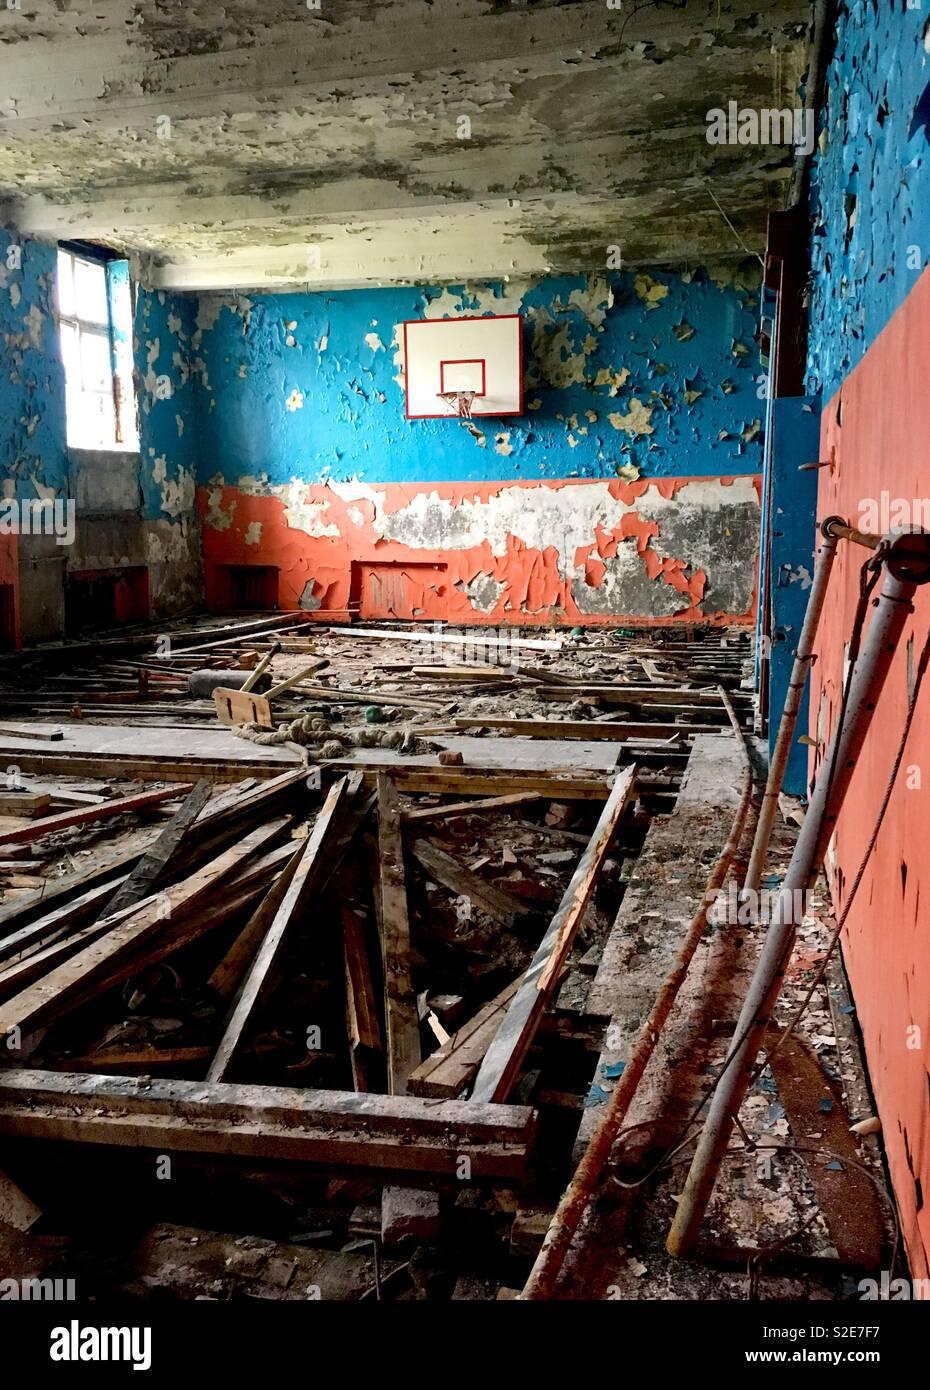 Abandoned school - Stock Image